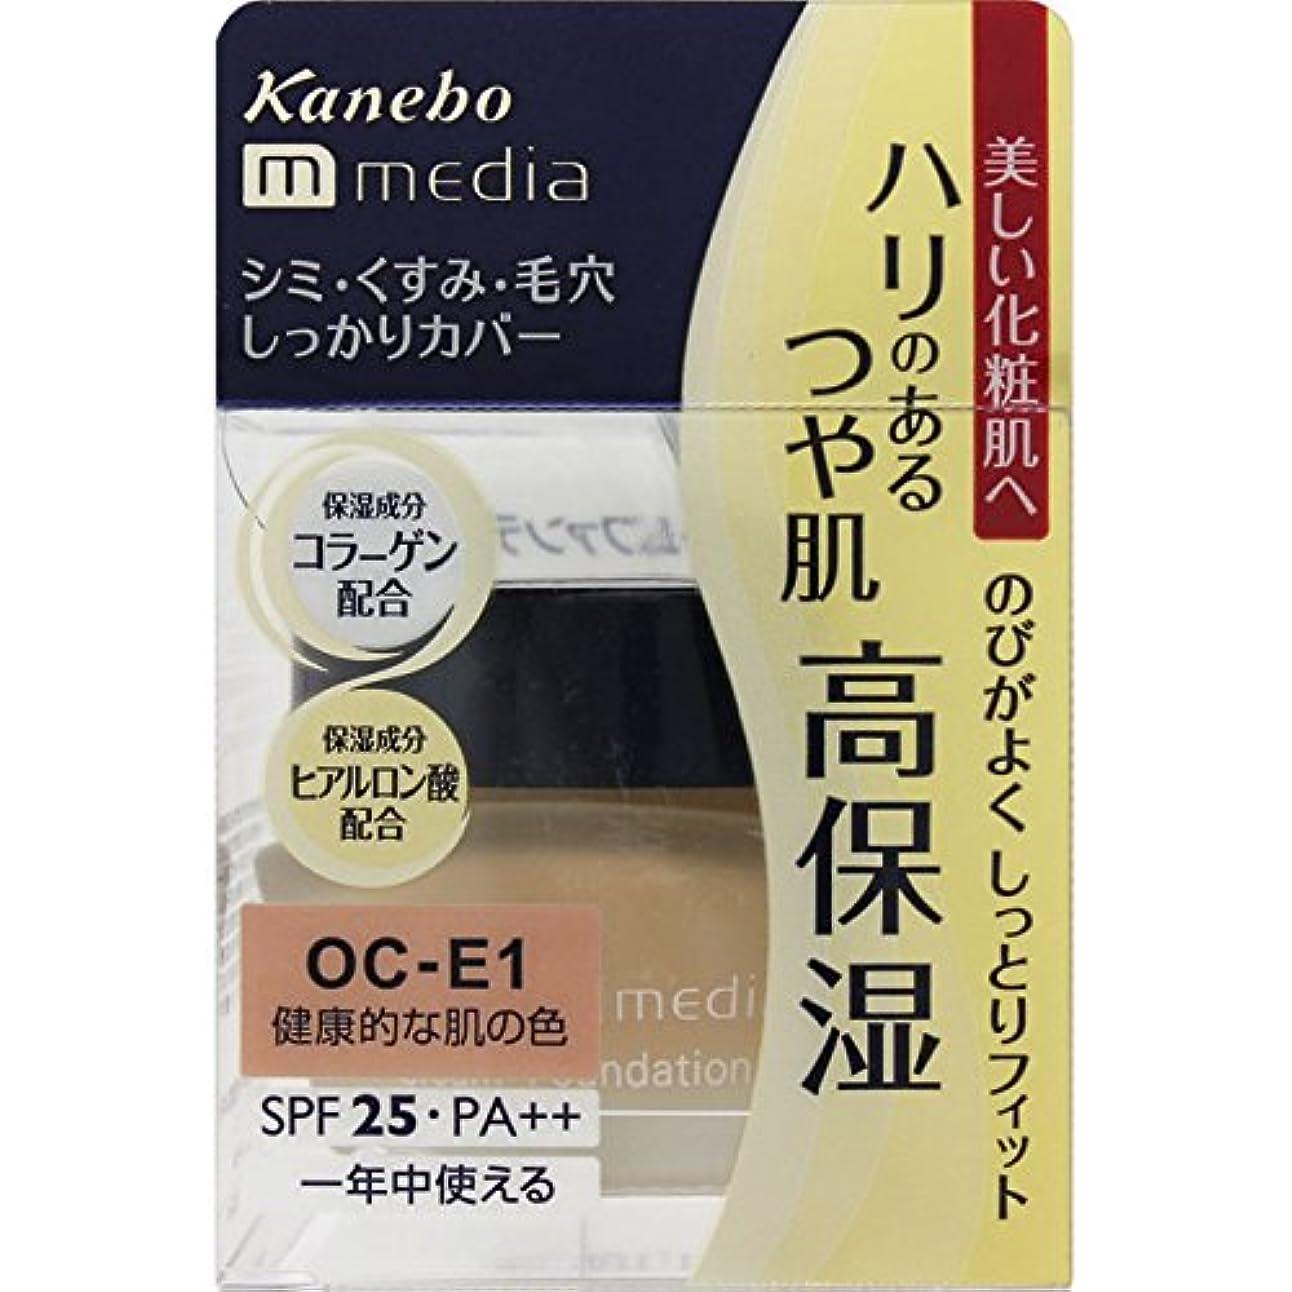 ソロ電話絶縁するカネボウ media(メディア) クリームファンデーション OC-E1(健康的な肌の色)